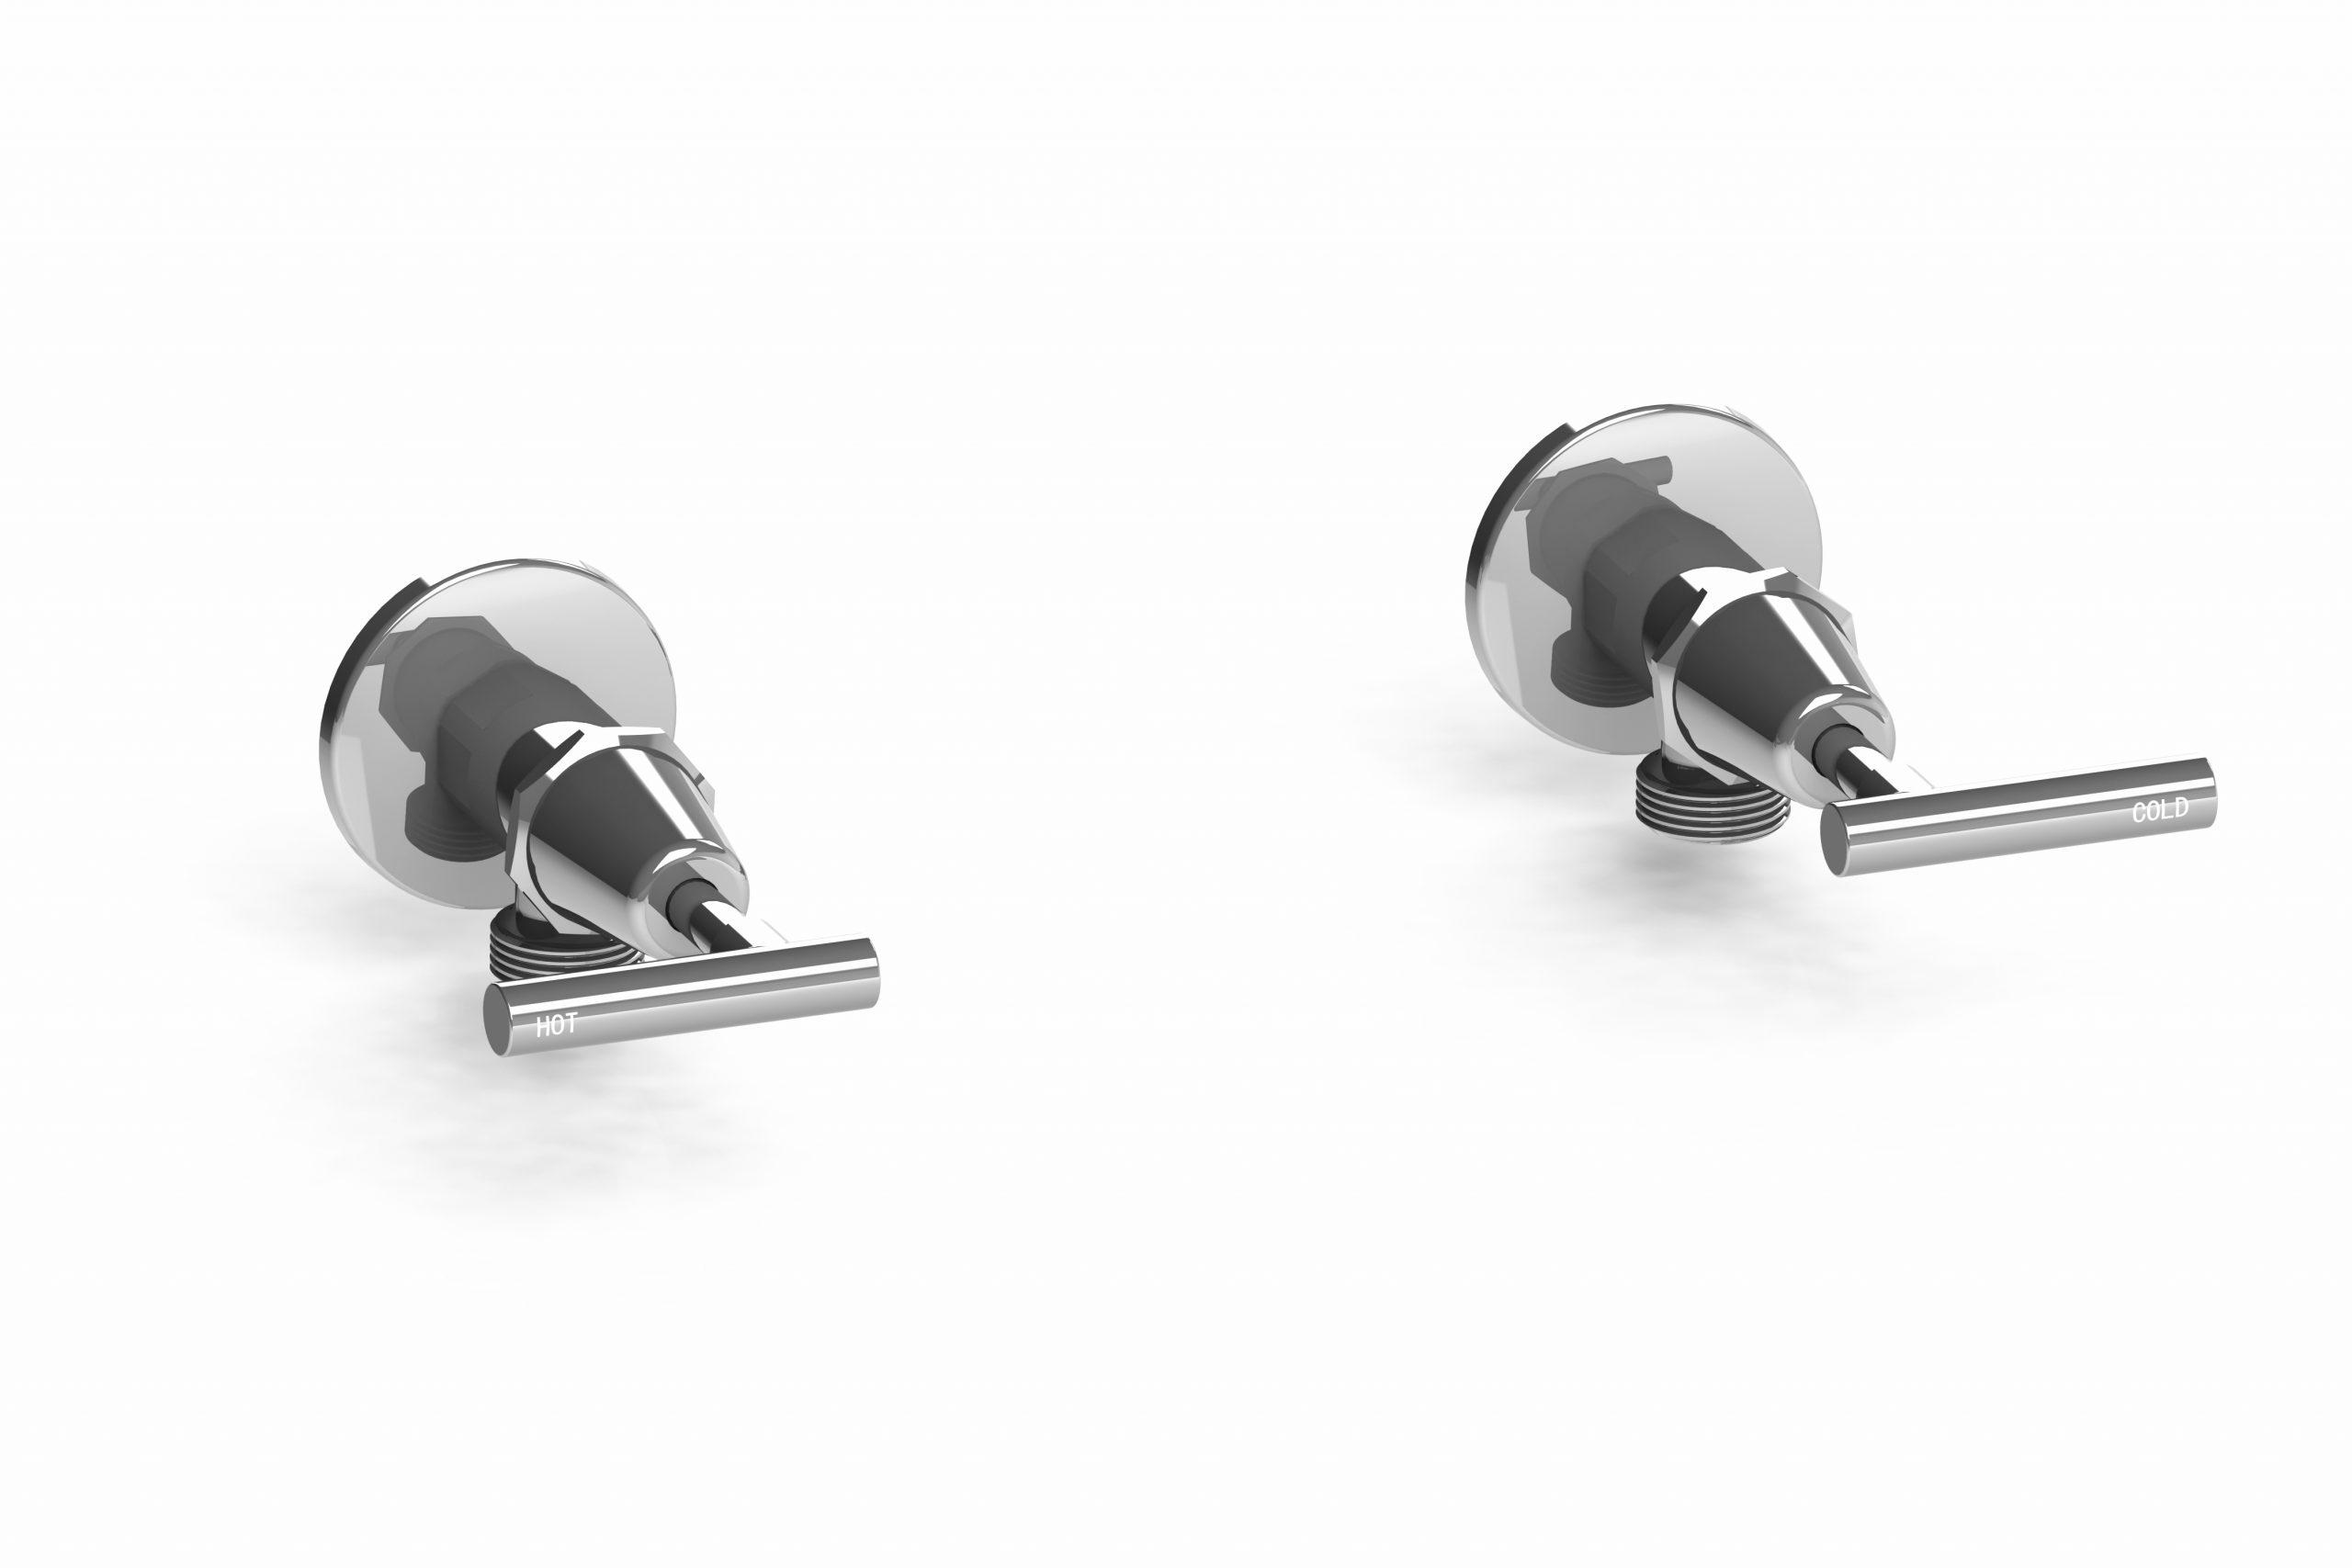 Harmony Meno Washing Machine Taps Lever Chrome (Pair)